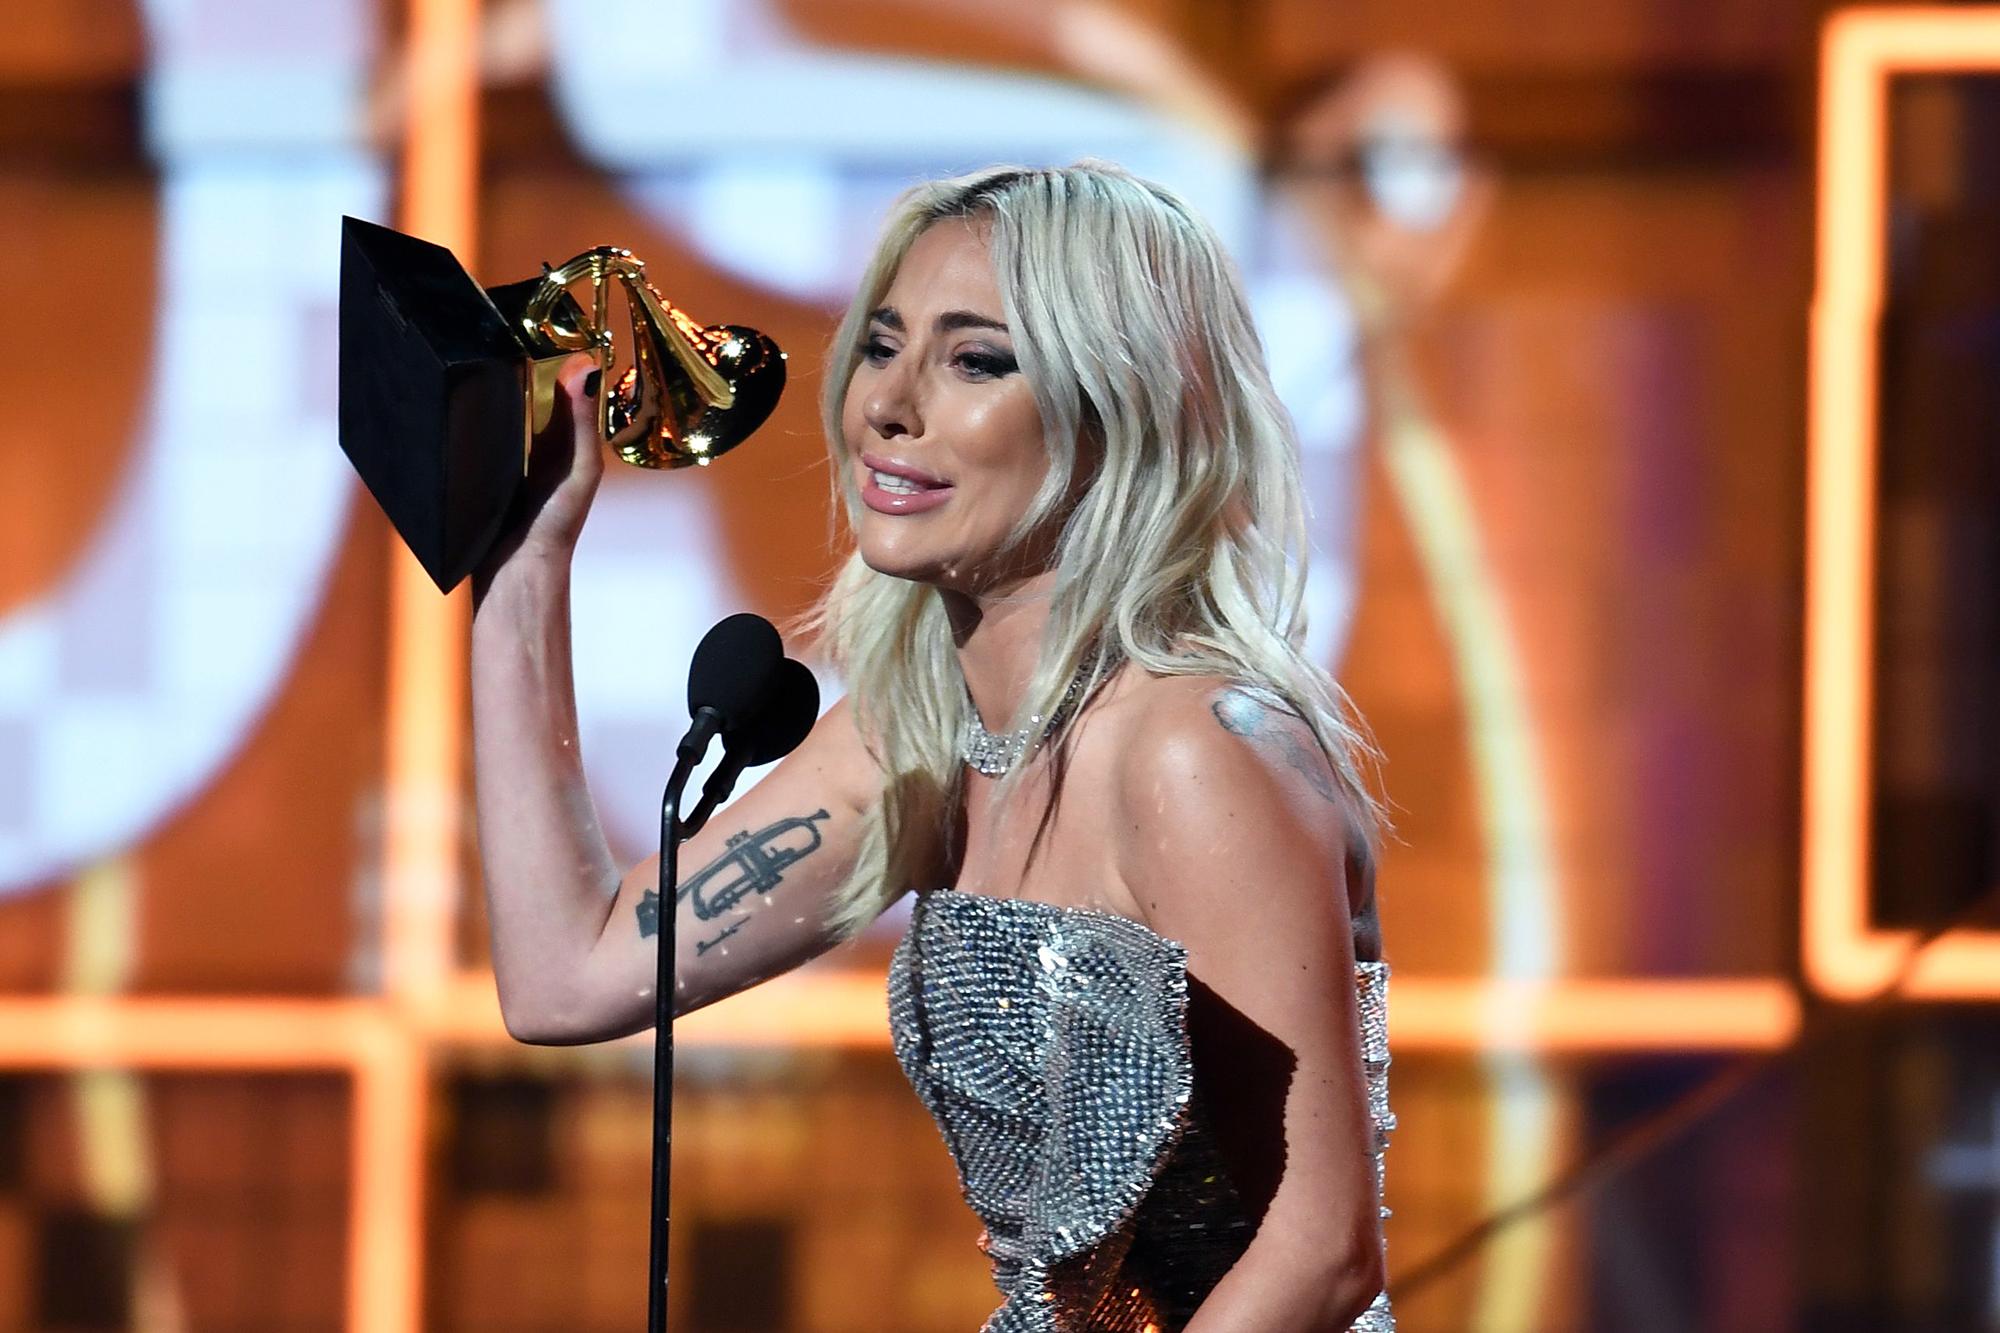 """Леди Гага получила """"Грэмми"""" за лучший дуэт - песню """"Shallow"""", записанную вместе с Брэдли Купером для фильма """"Звезда родилась"""""""